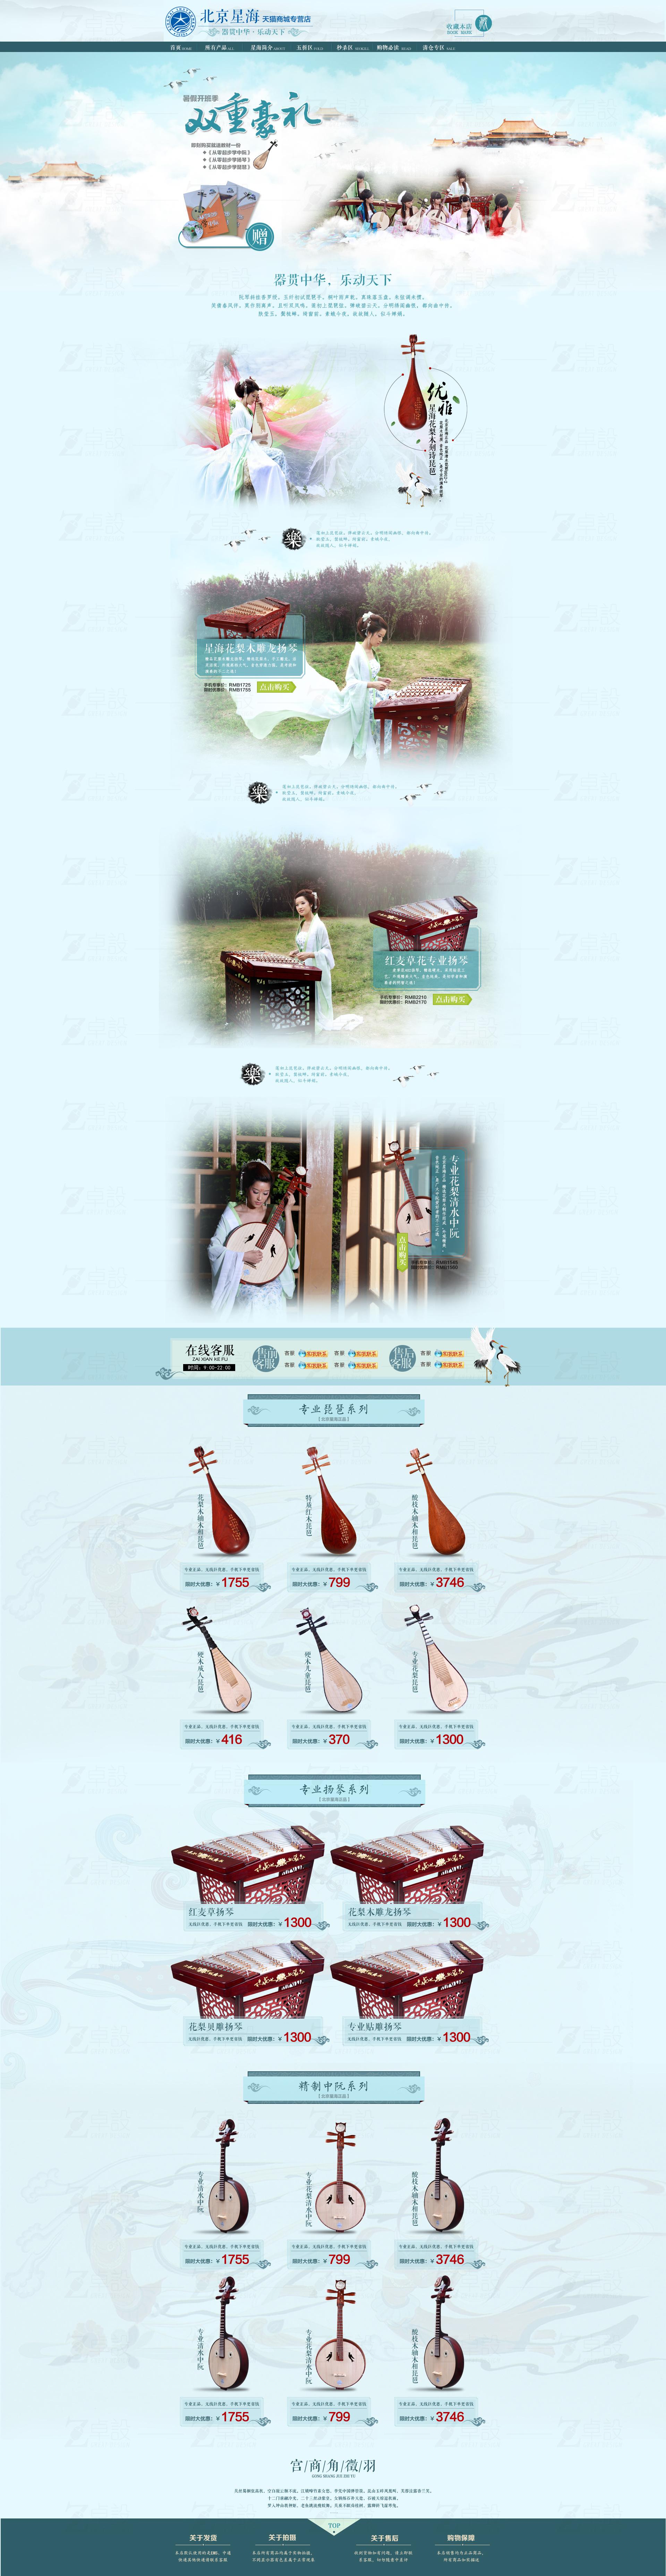 北京欢迎你琵琶曲谱